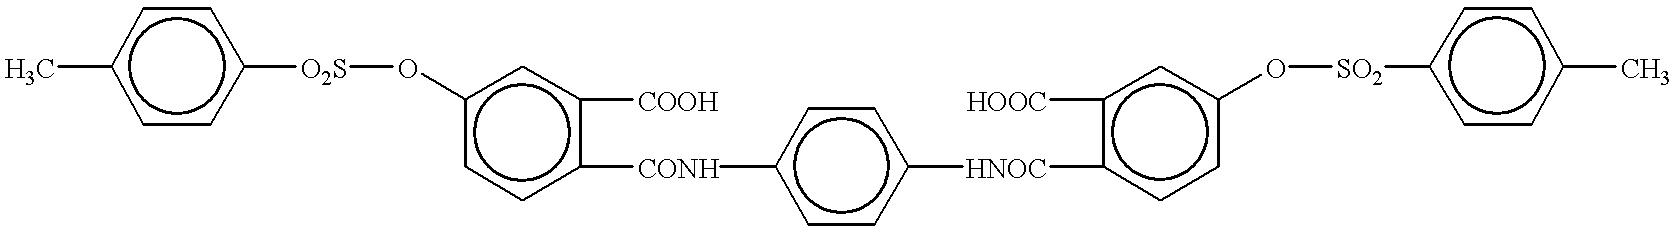 Figure US06180560-20010130-C00497